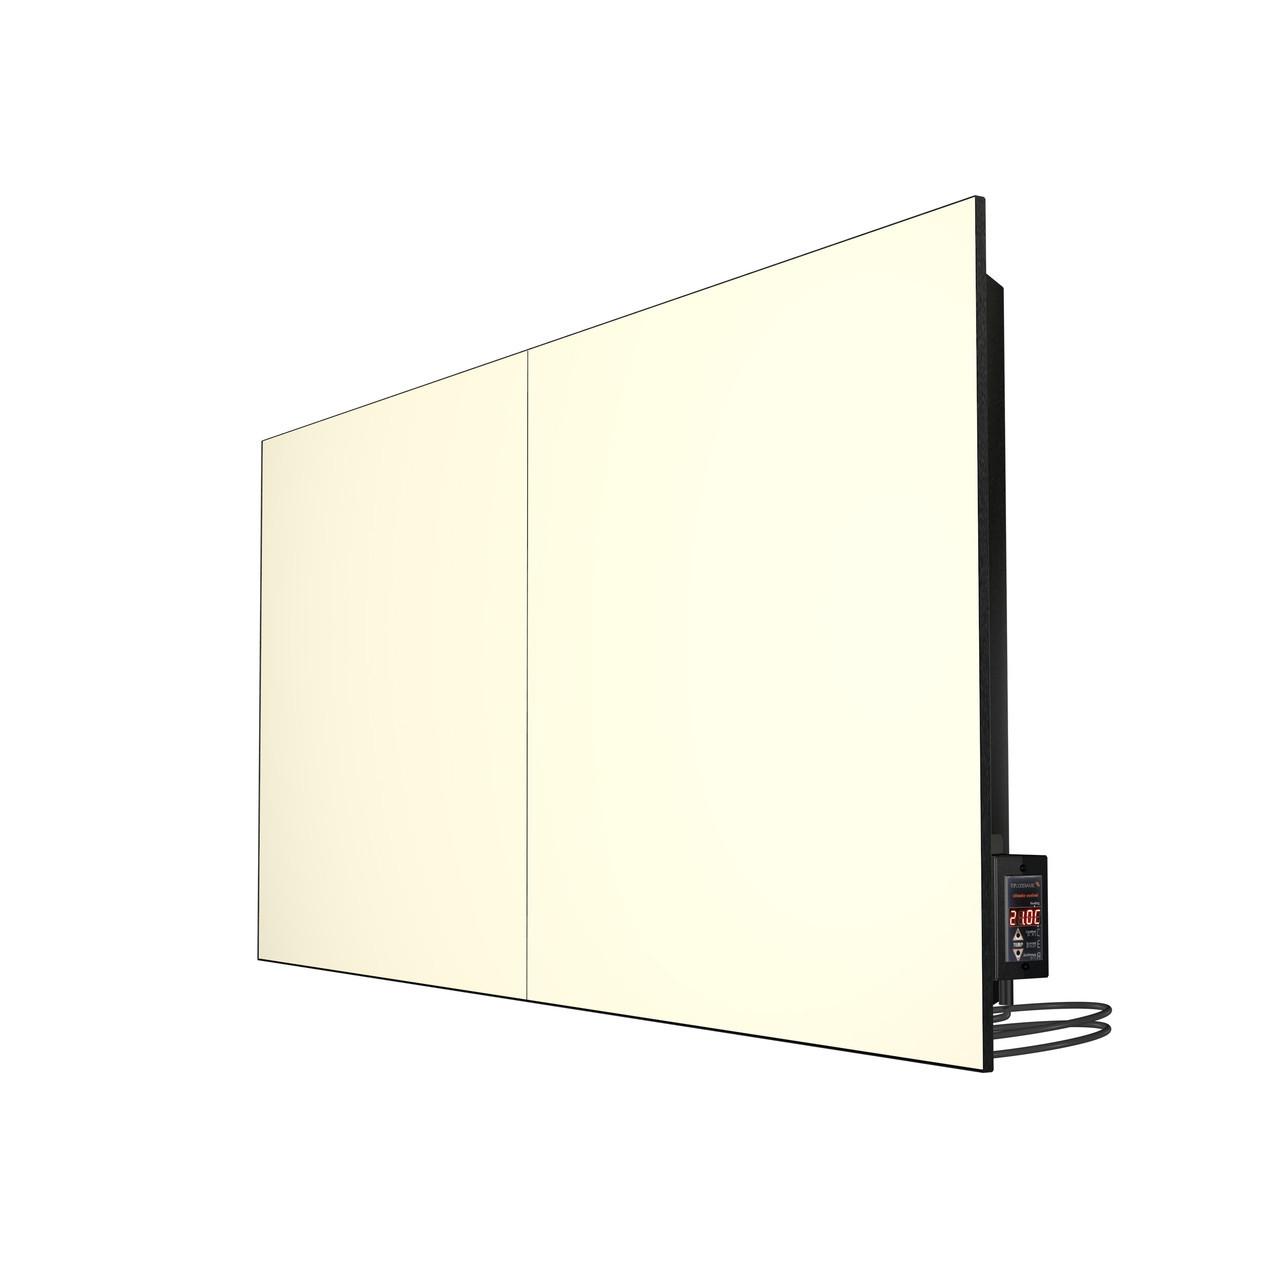 Керамічний інфрачервоний конвекційний обігрівач TC1000C 1000Вт (Білий мармур)